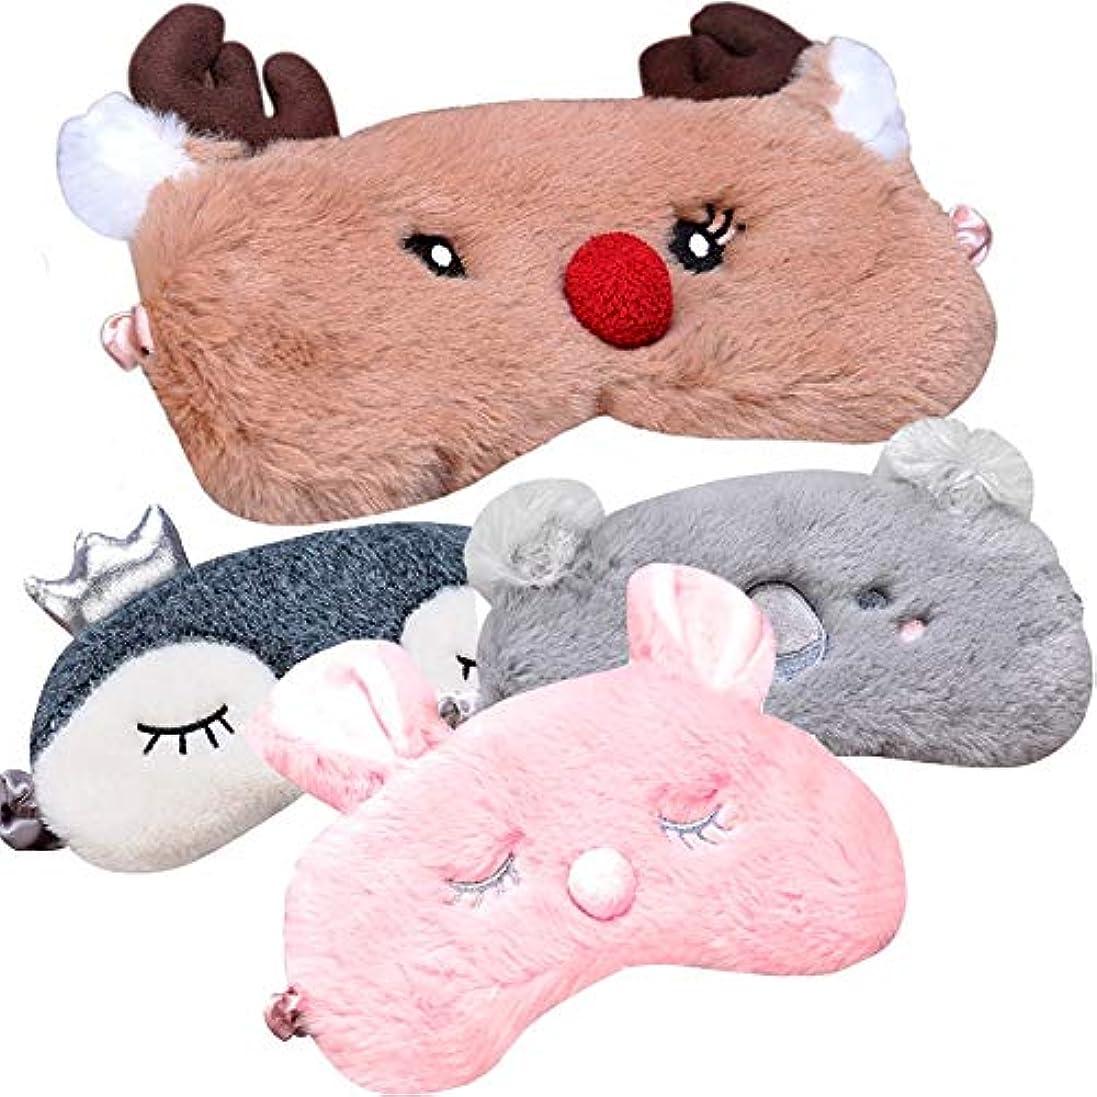 南聞きます回復注冬の昼寝漫画ぬいぐるみマスク包帯用睡眠目シェード睡眠マスクカットコアラカバーアイパッチ包帯クリスマスギフト